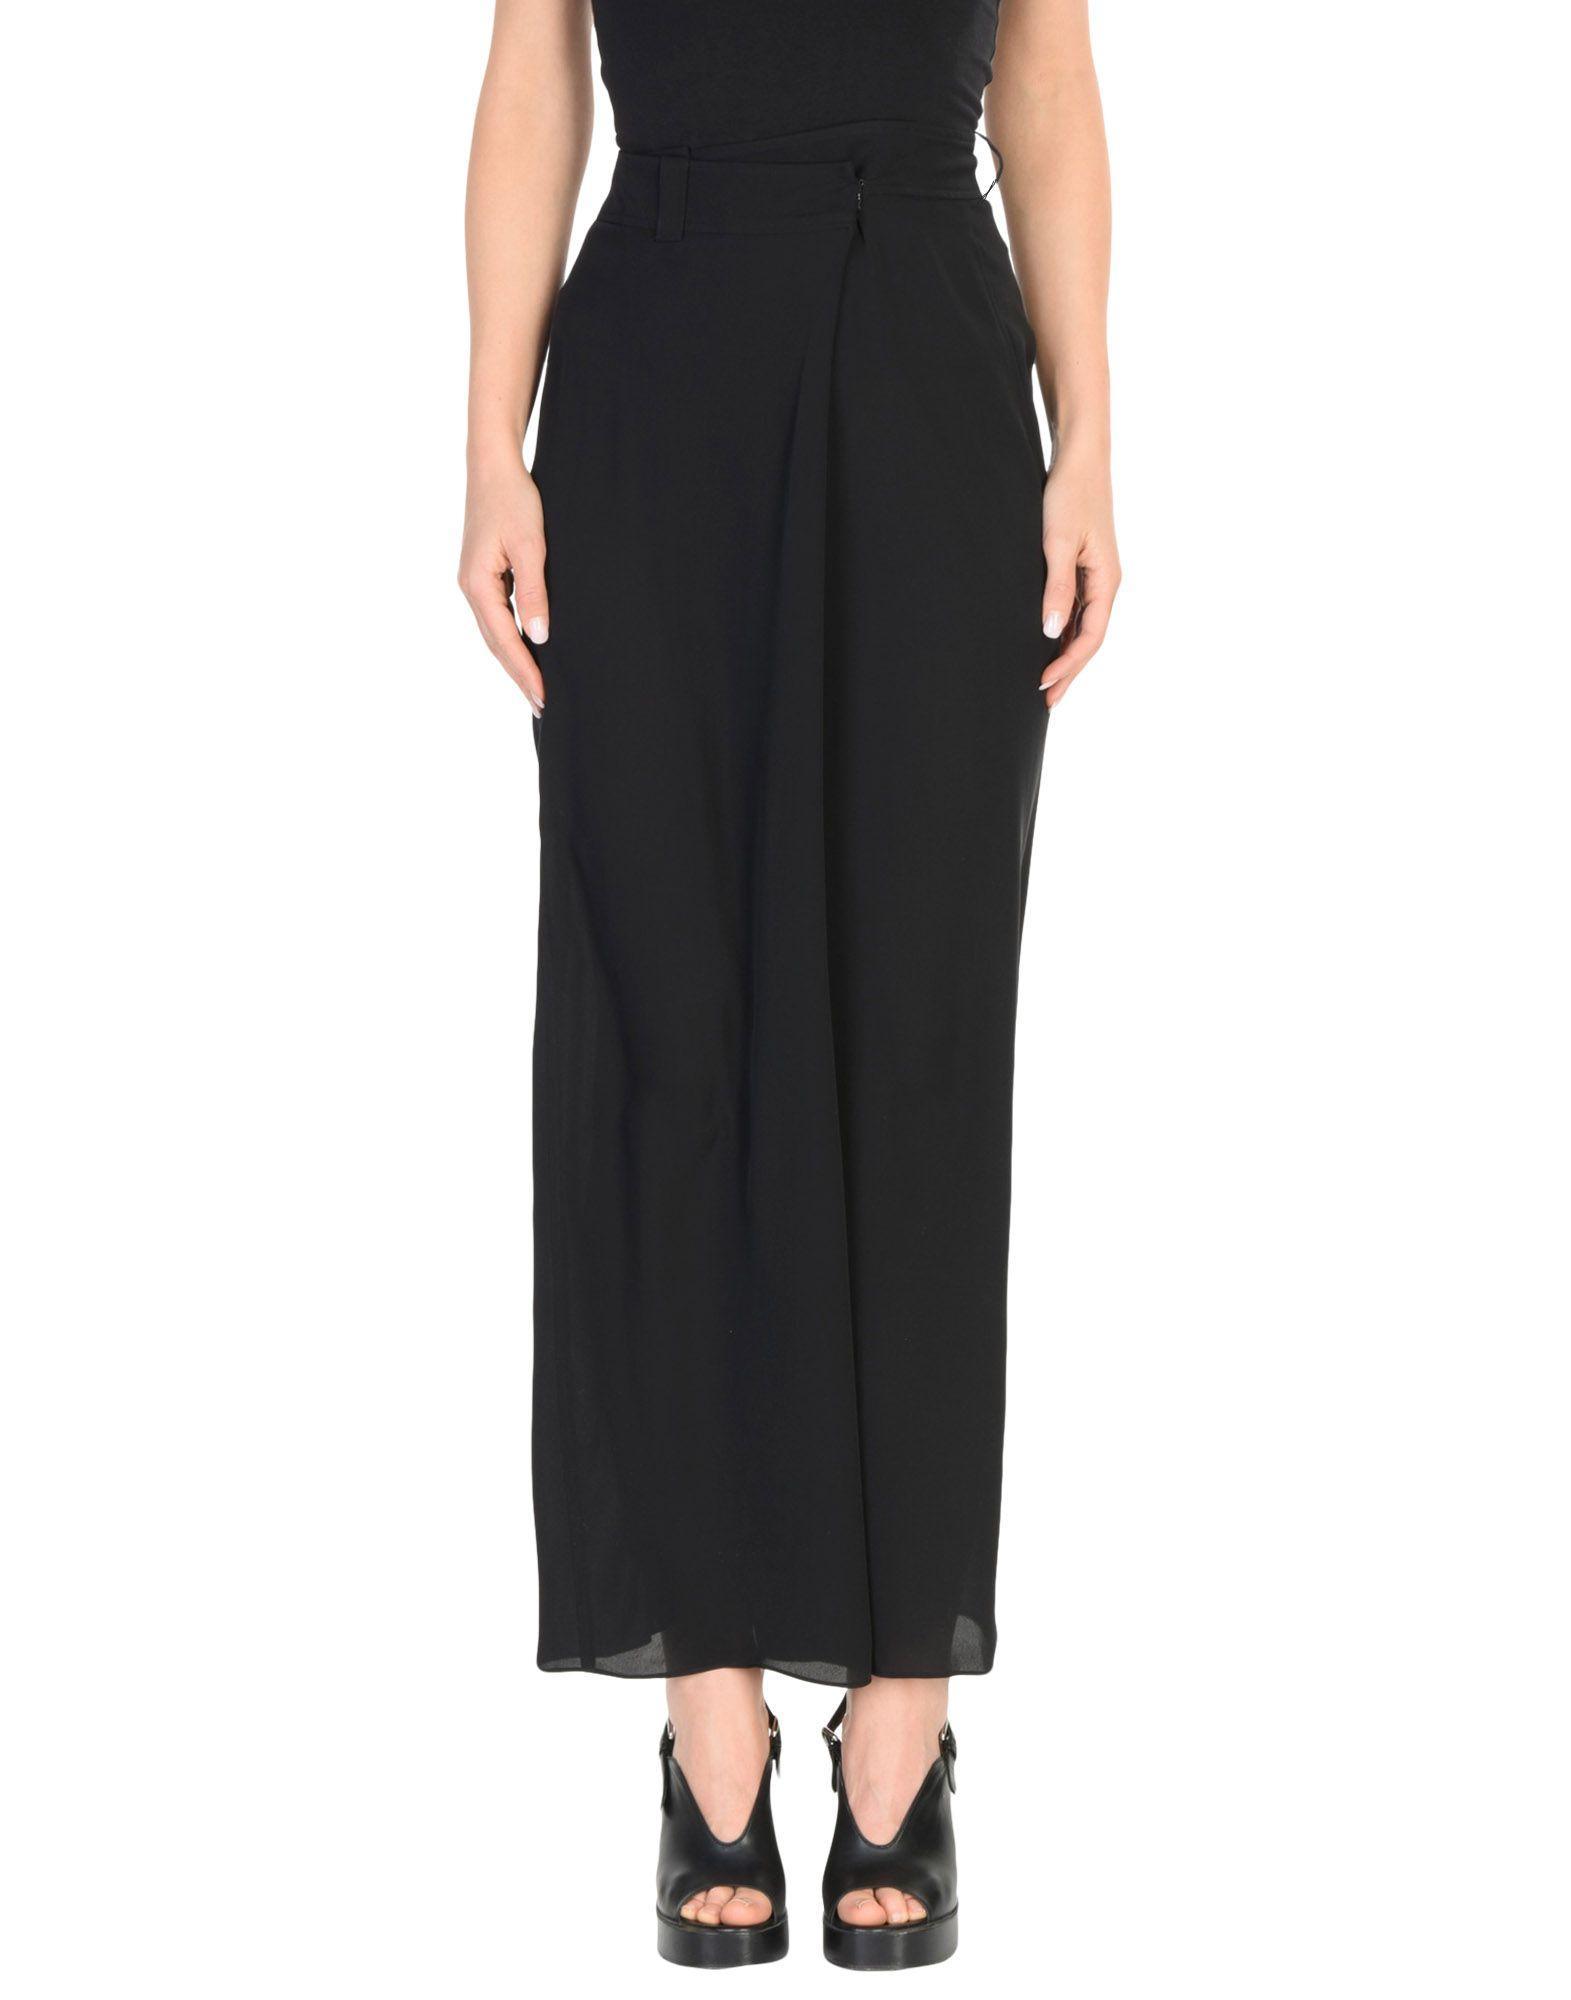 Joseph Long Skirts In Black